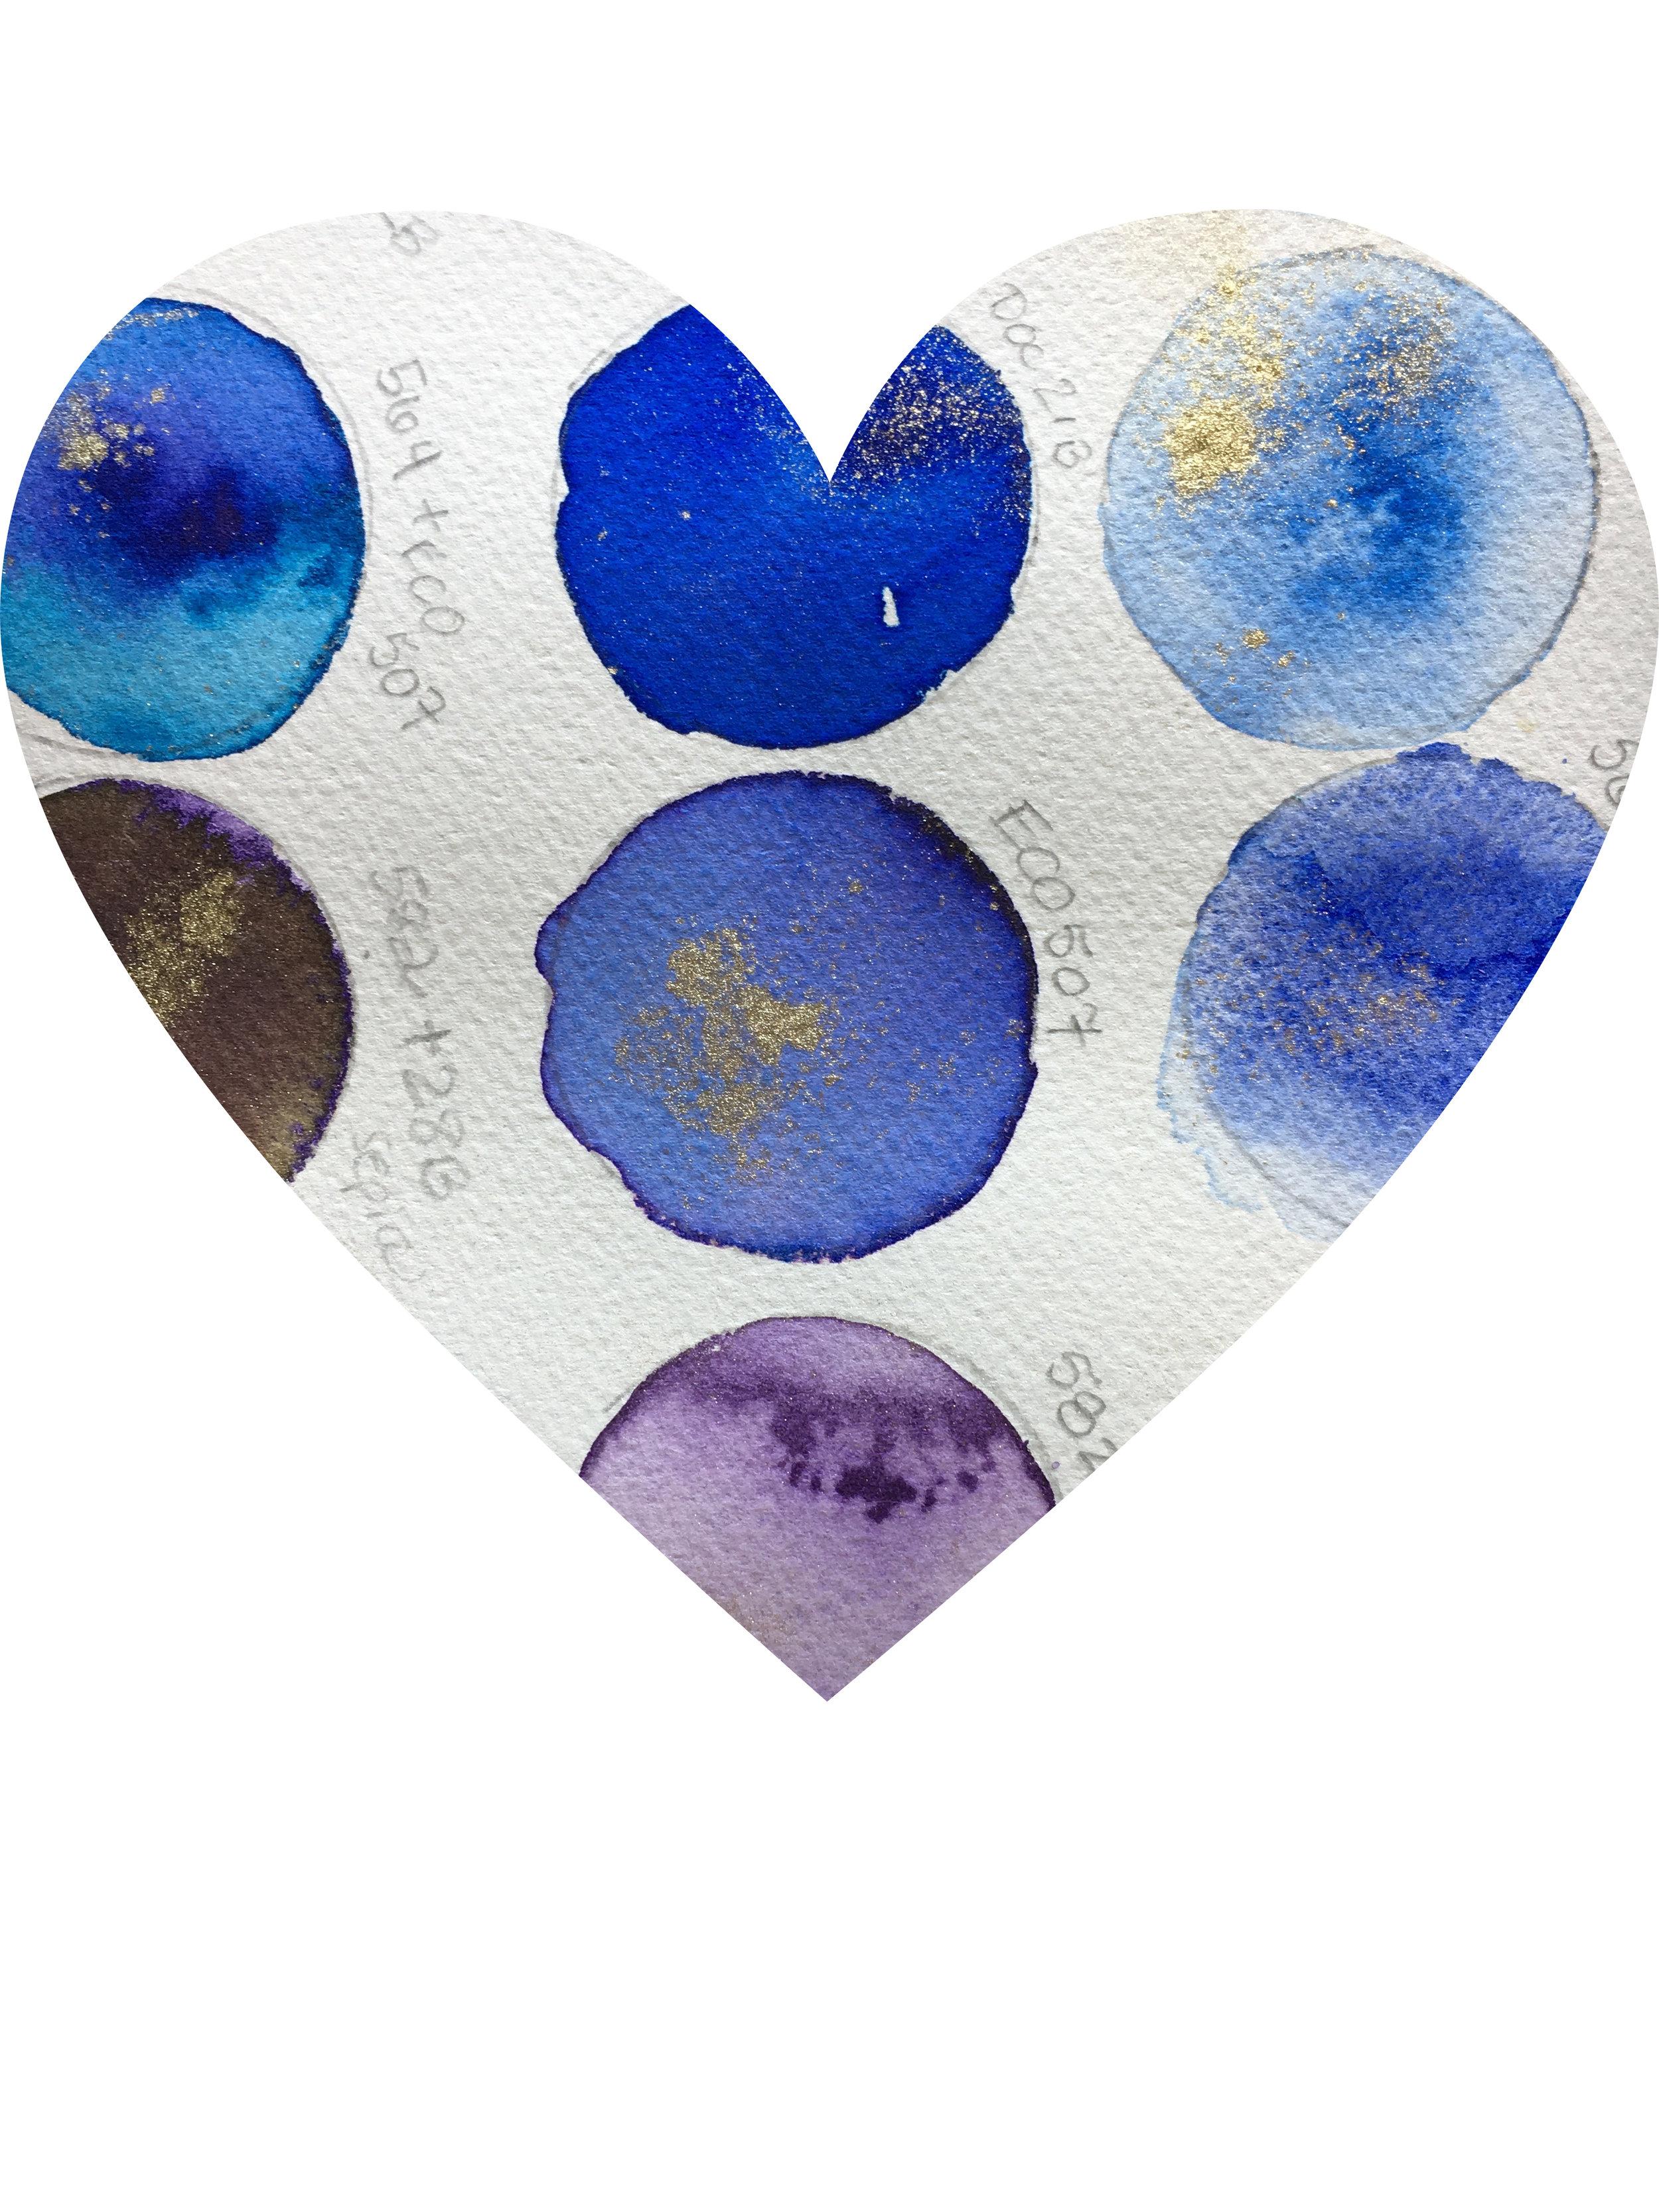 heart paints.jpg